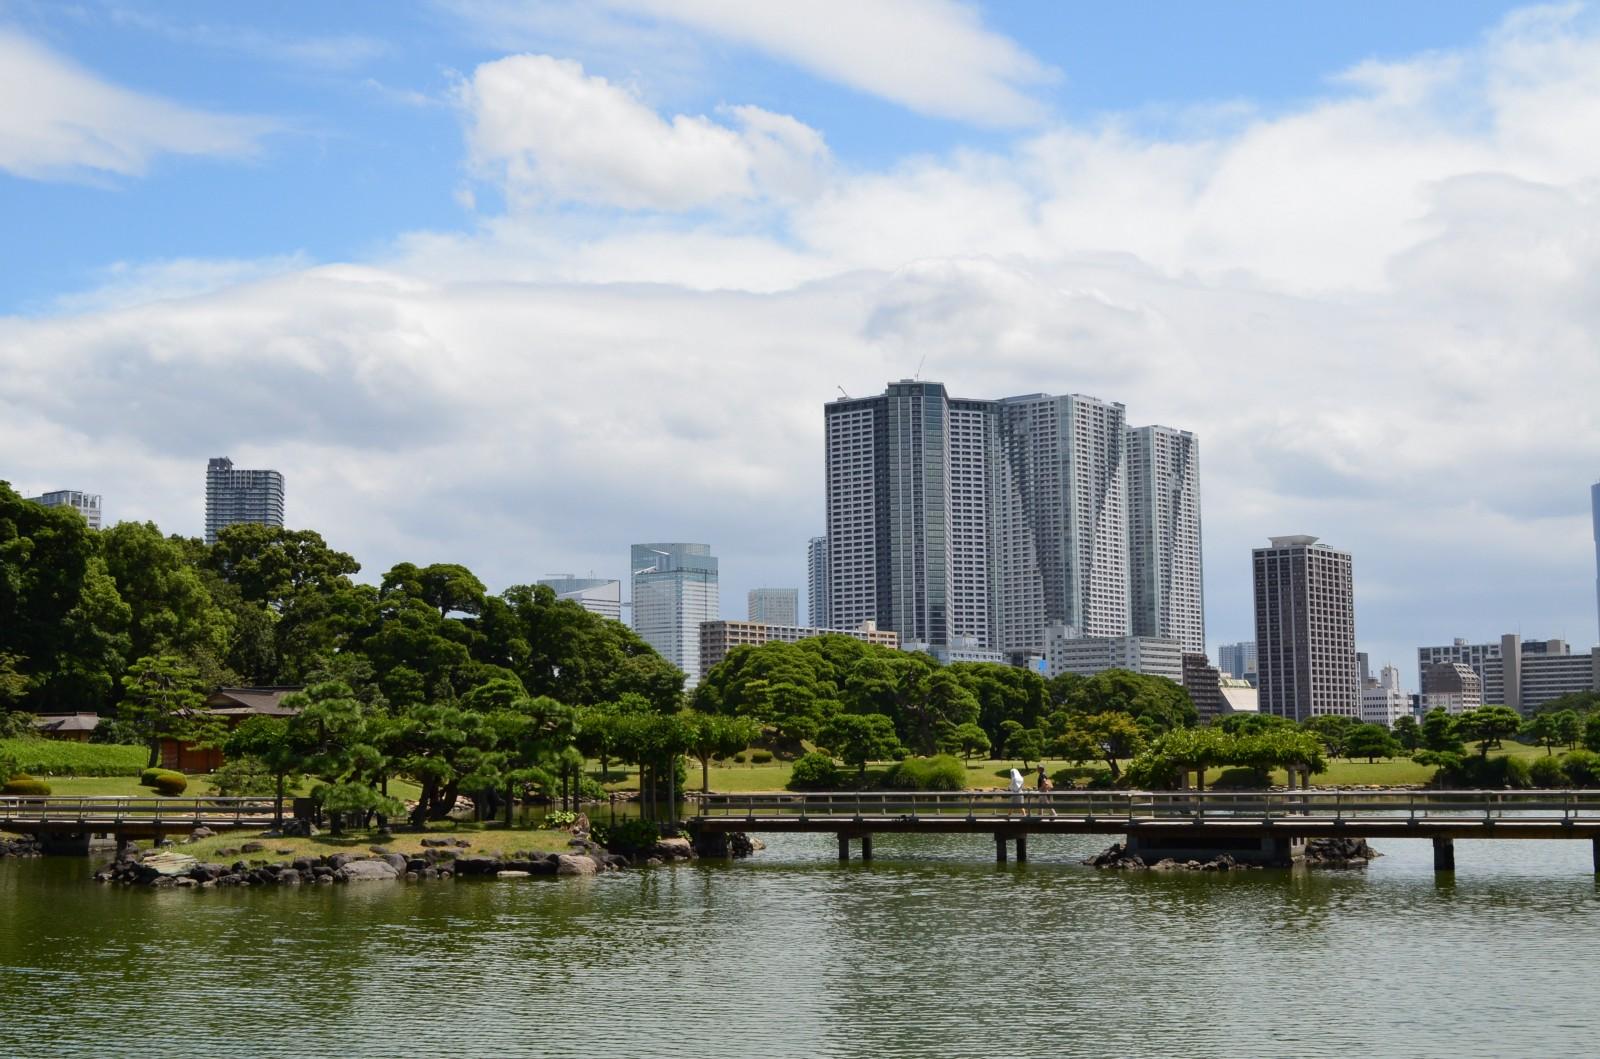 Hamarikyu Garden Scenic Japanese Garden Near Tsukiji Fish Market Japan Web Magazine